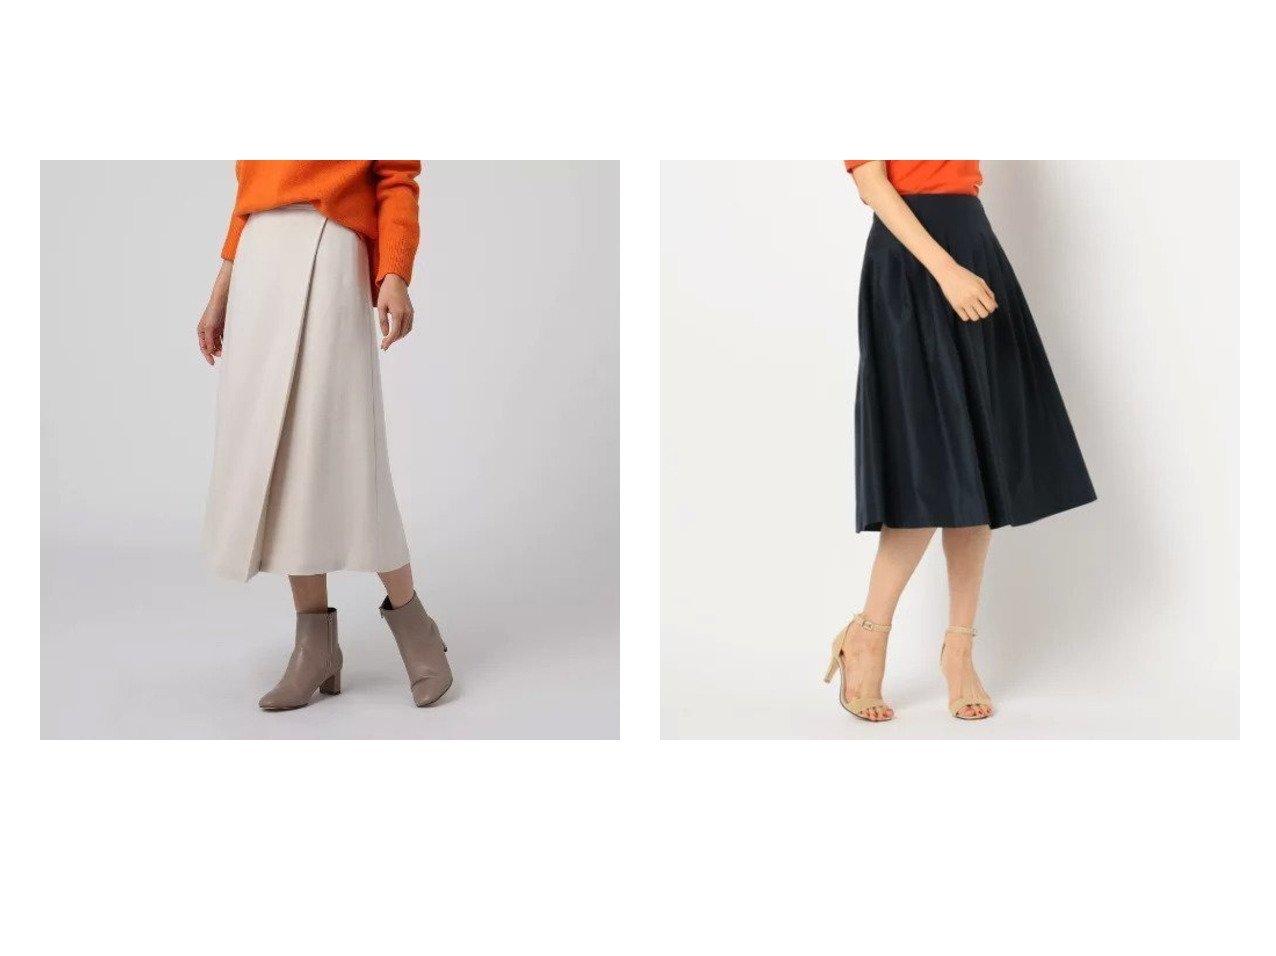 【UNTITLED/アンタイトル】のリリックポンチラップ風フレアスカート&【NOLLEY'S/ノーリーズ】のタックスカート スカートのおすすめ!人気トレンド・レディースファッションの通販 おすすめで人気の流行・トレンド、ファッションの通販商品 メンズファッション・キッズファッション・インテリア・家具・レディースファッション・服の通販 founy(ファニー) https://founy.com/ ファッション Fashion レディースファッション WOMEN スカート Skirt Aライン/フレアスカート Flared A-Line Skirts インナー フレア ポケット ラップ フォーマル  ID:crp329100000008989